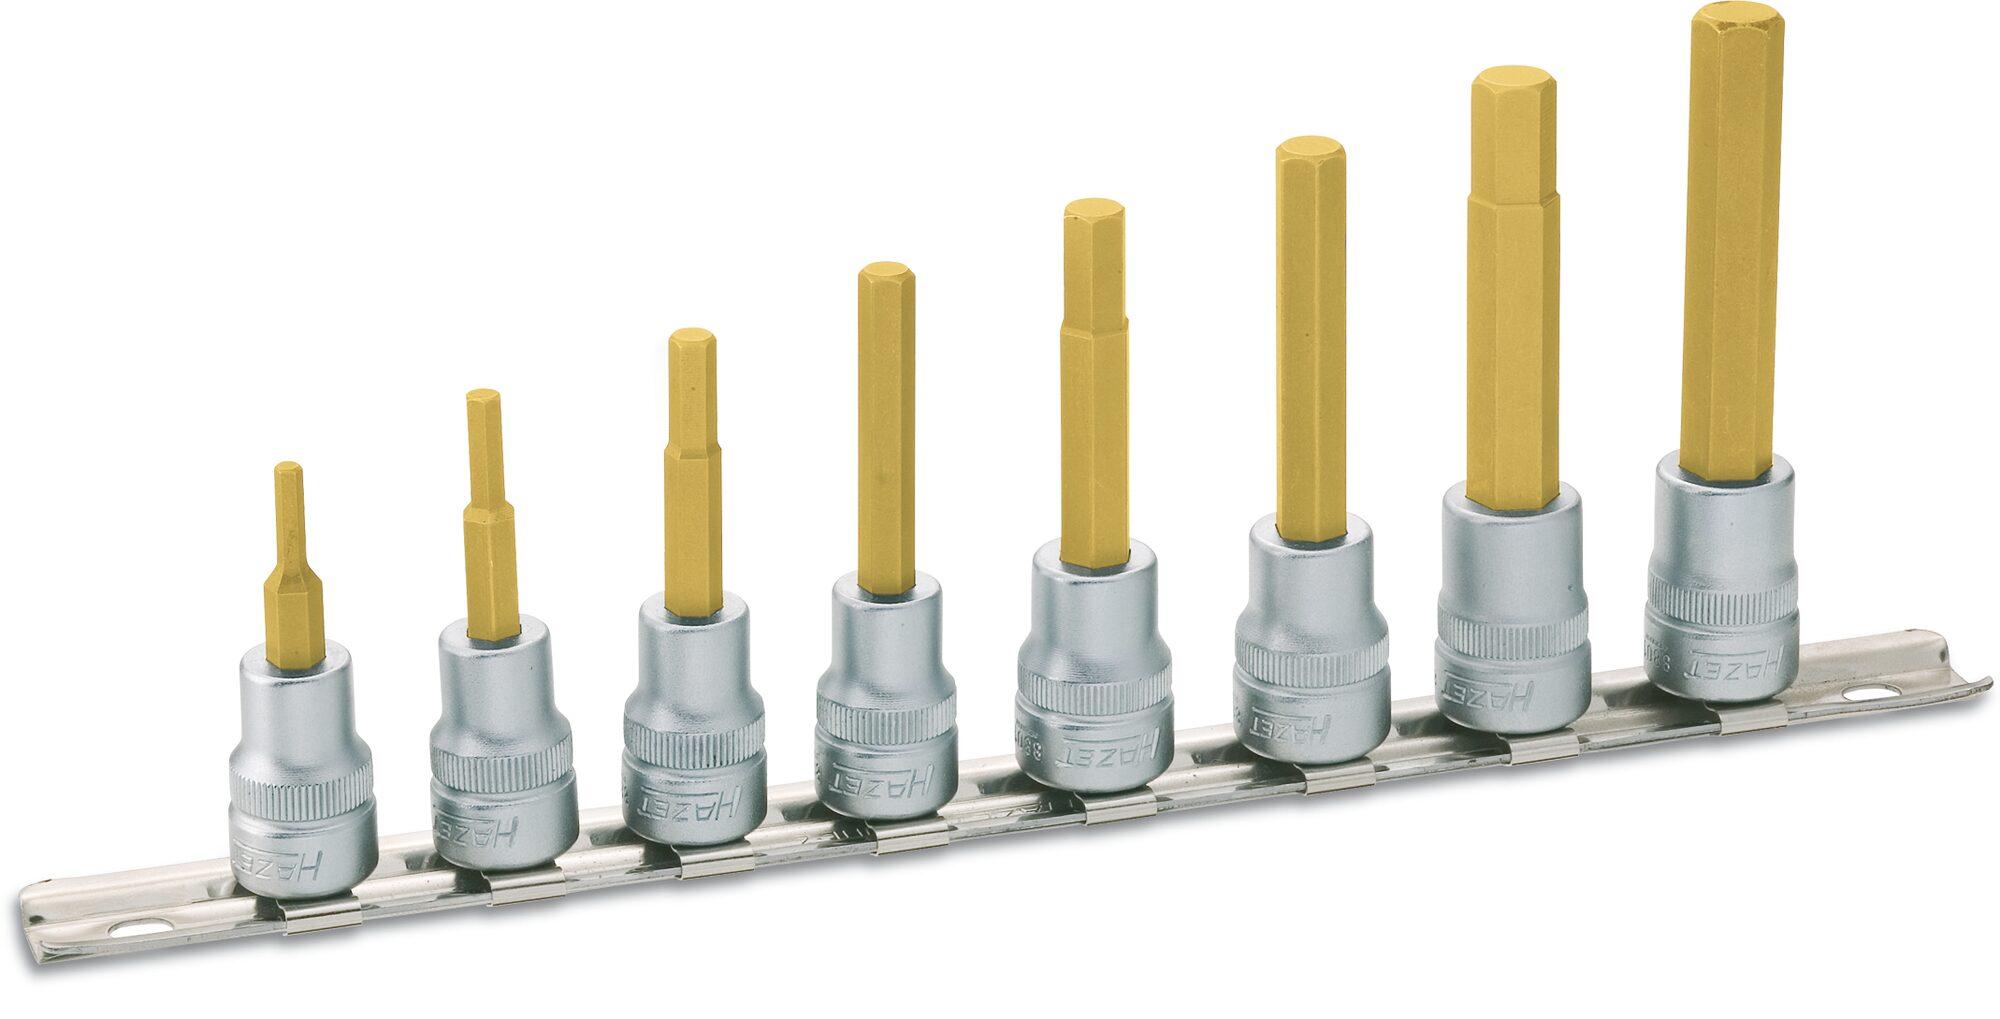 HAZET Steckschlüsseleinsatz Satz 8801/8H ∙ Vierkant hohl 10 mm (3/8 Zoll) ∙ Innen-Sechskant Profil ∙ 3–10